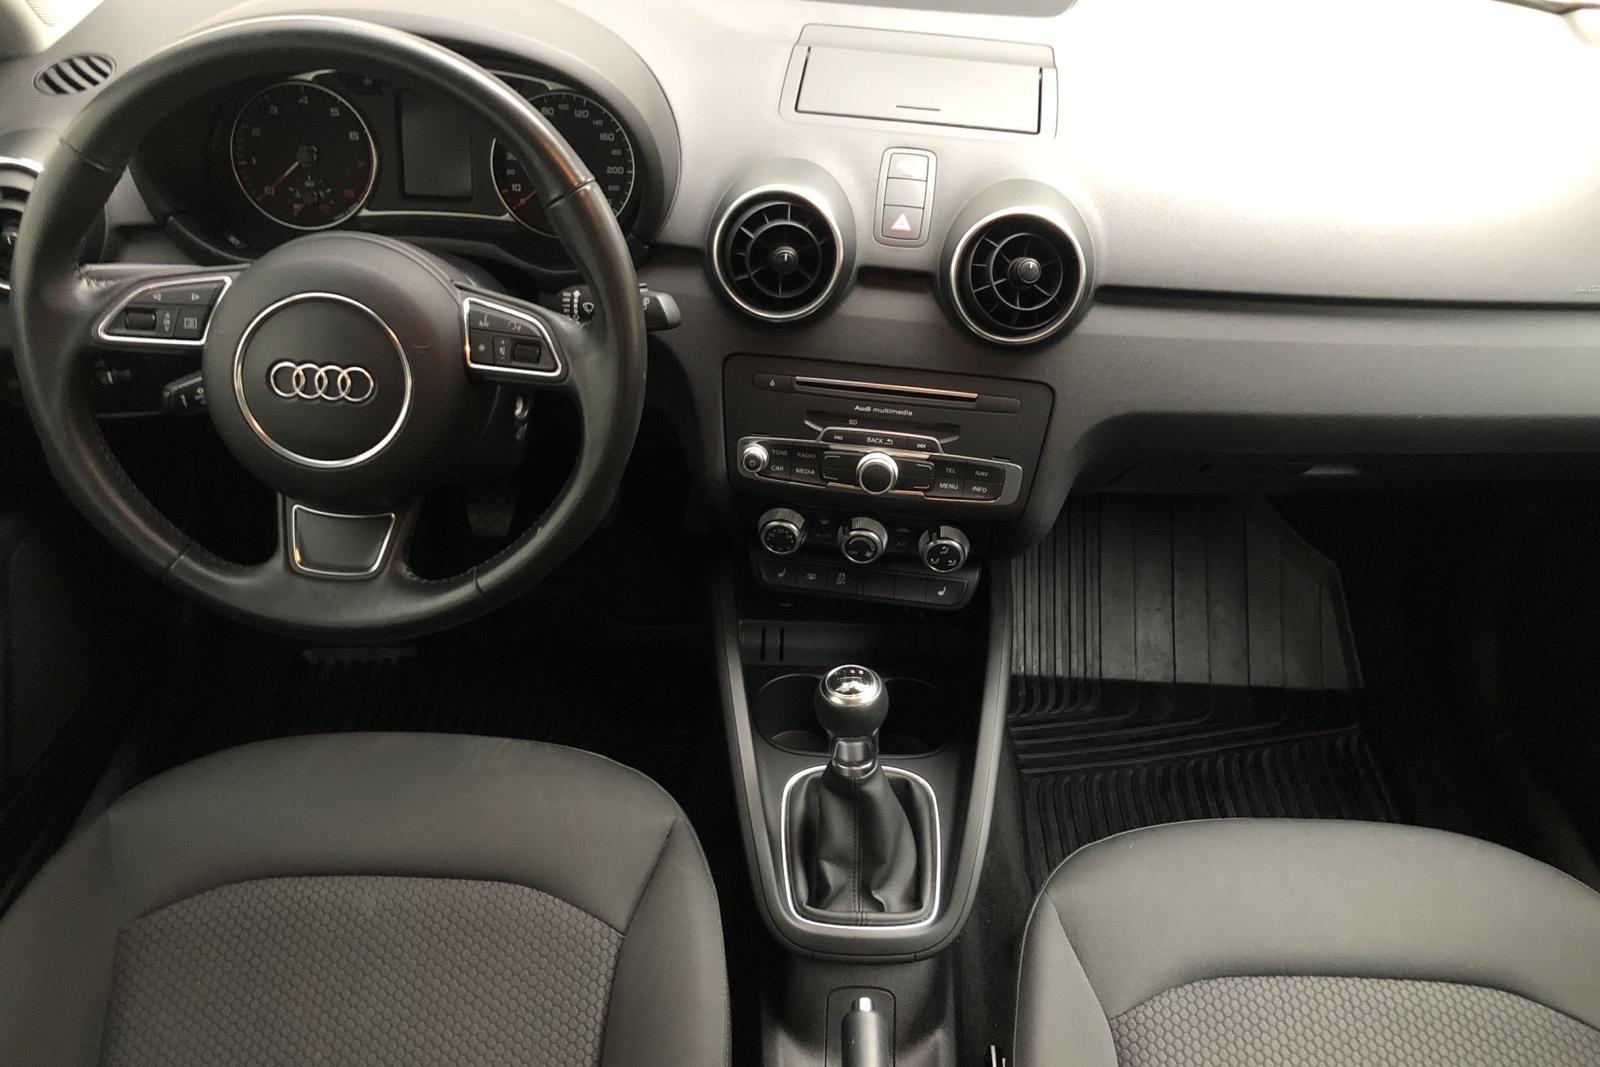 Audi A1 1.4 TFSI Sportback (125hk) - 26 270 km - Manual - white - 2018